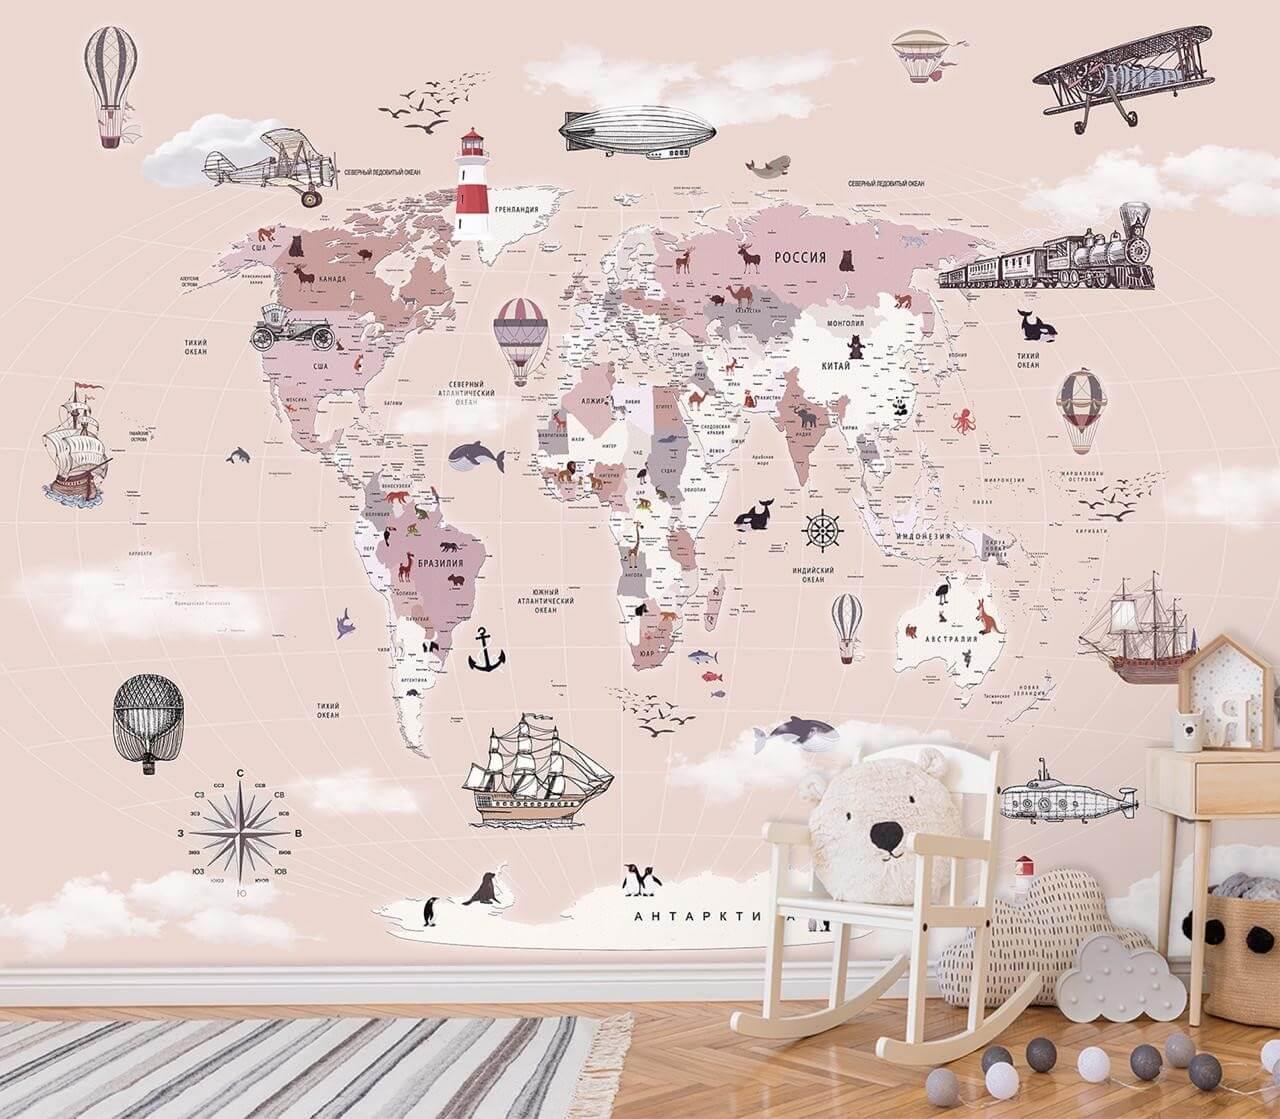 фотообои детская карта мира для развития ребенка является идеальным решением